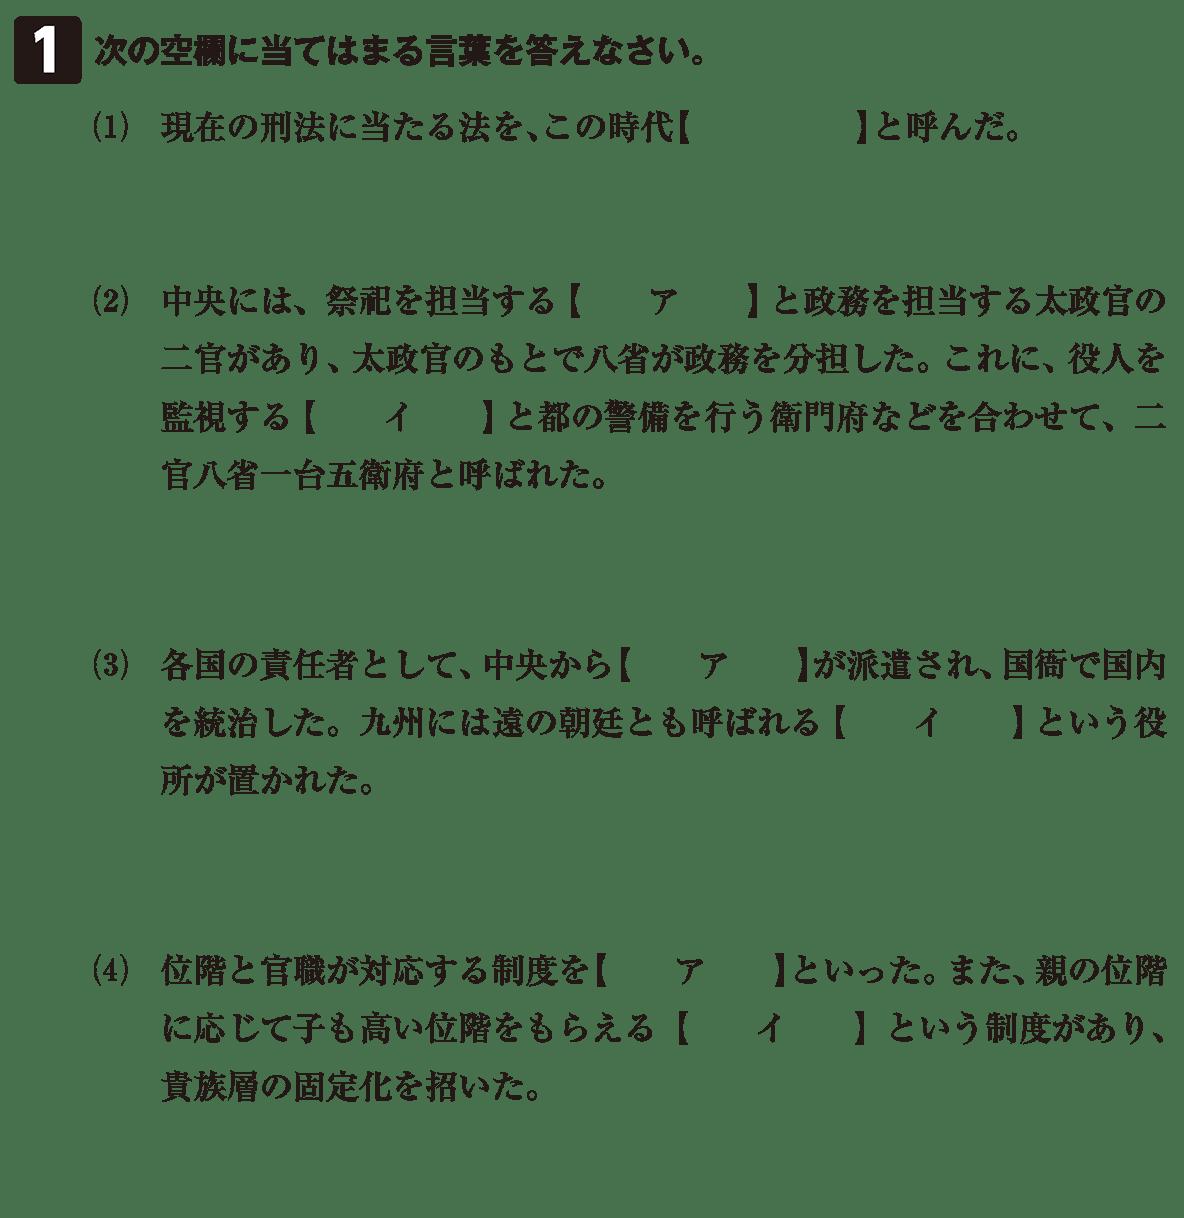 律令制度3 問題1 問題